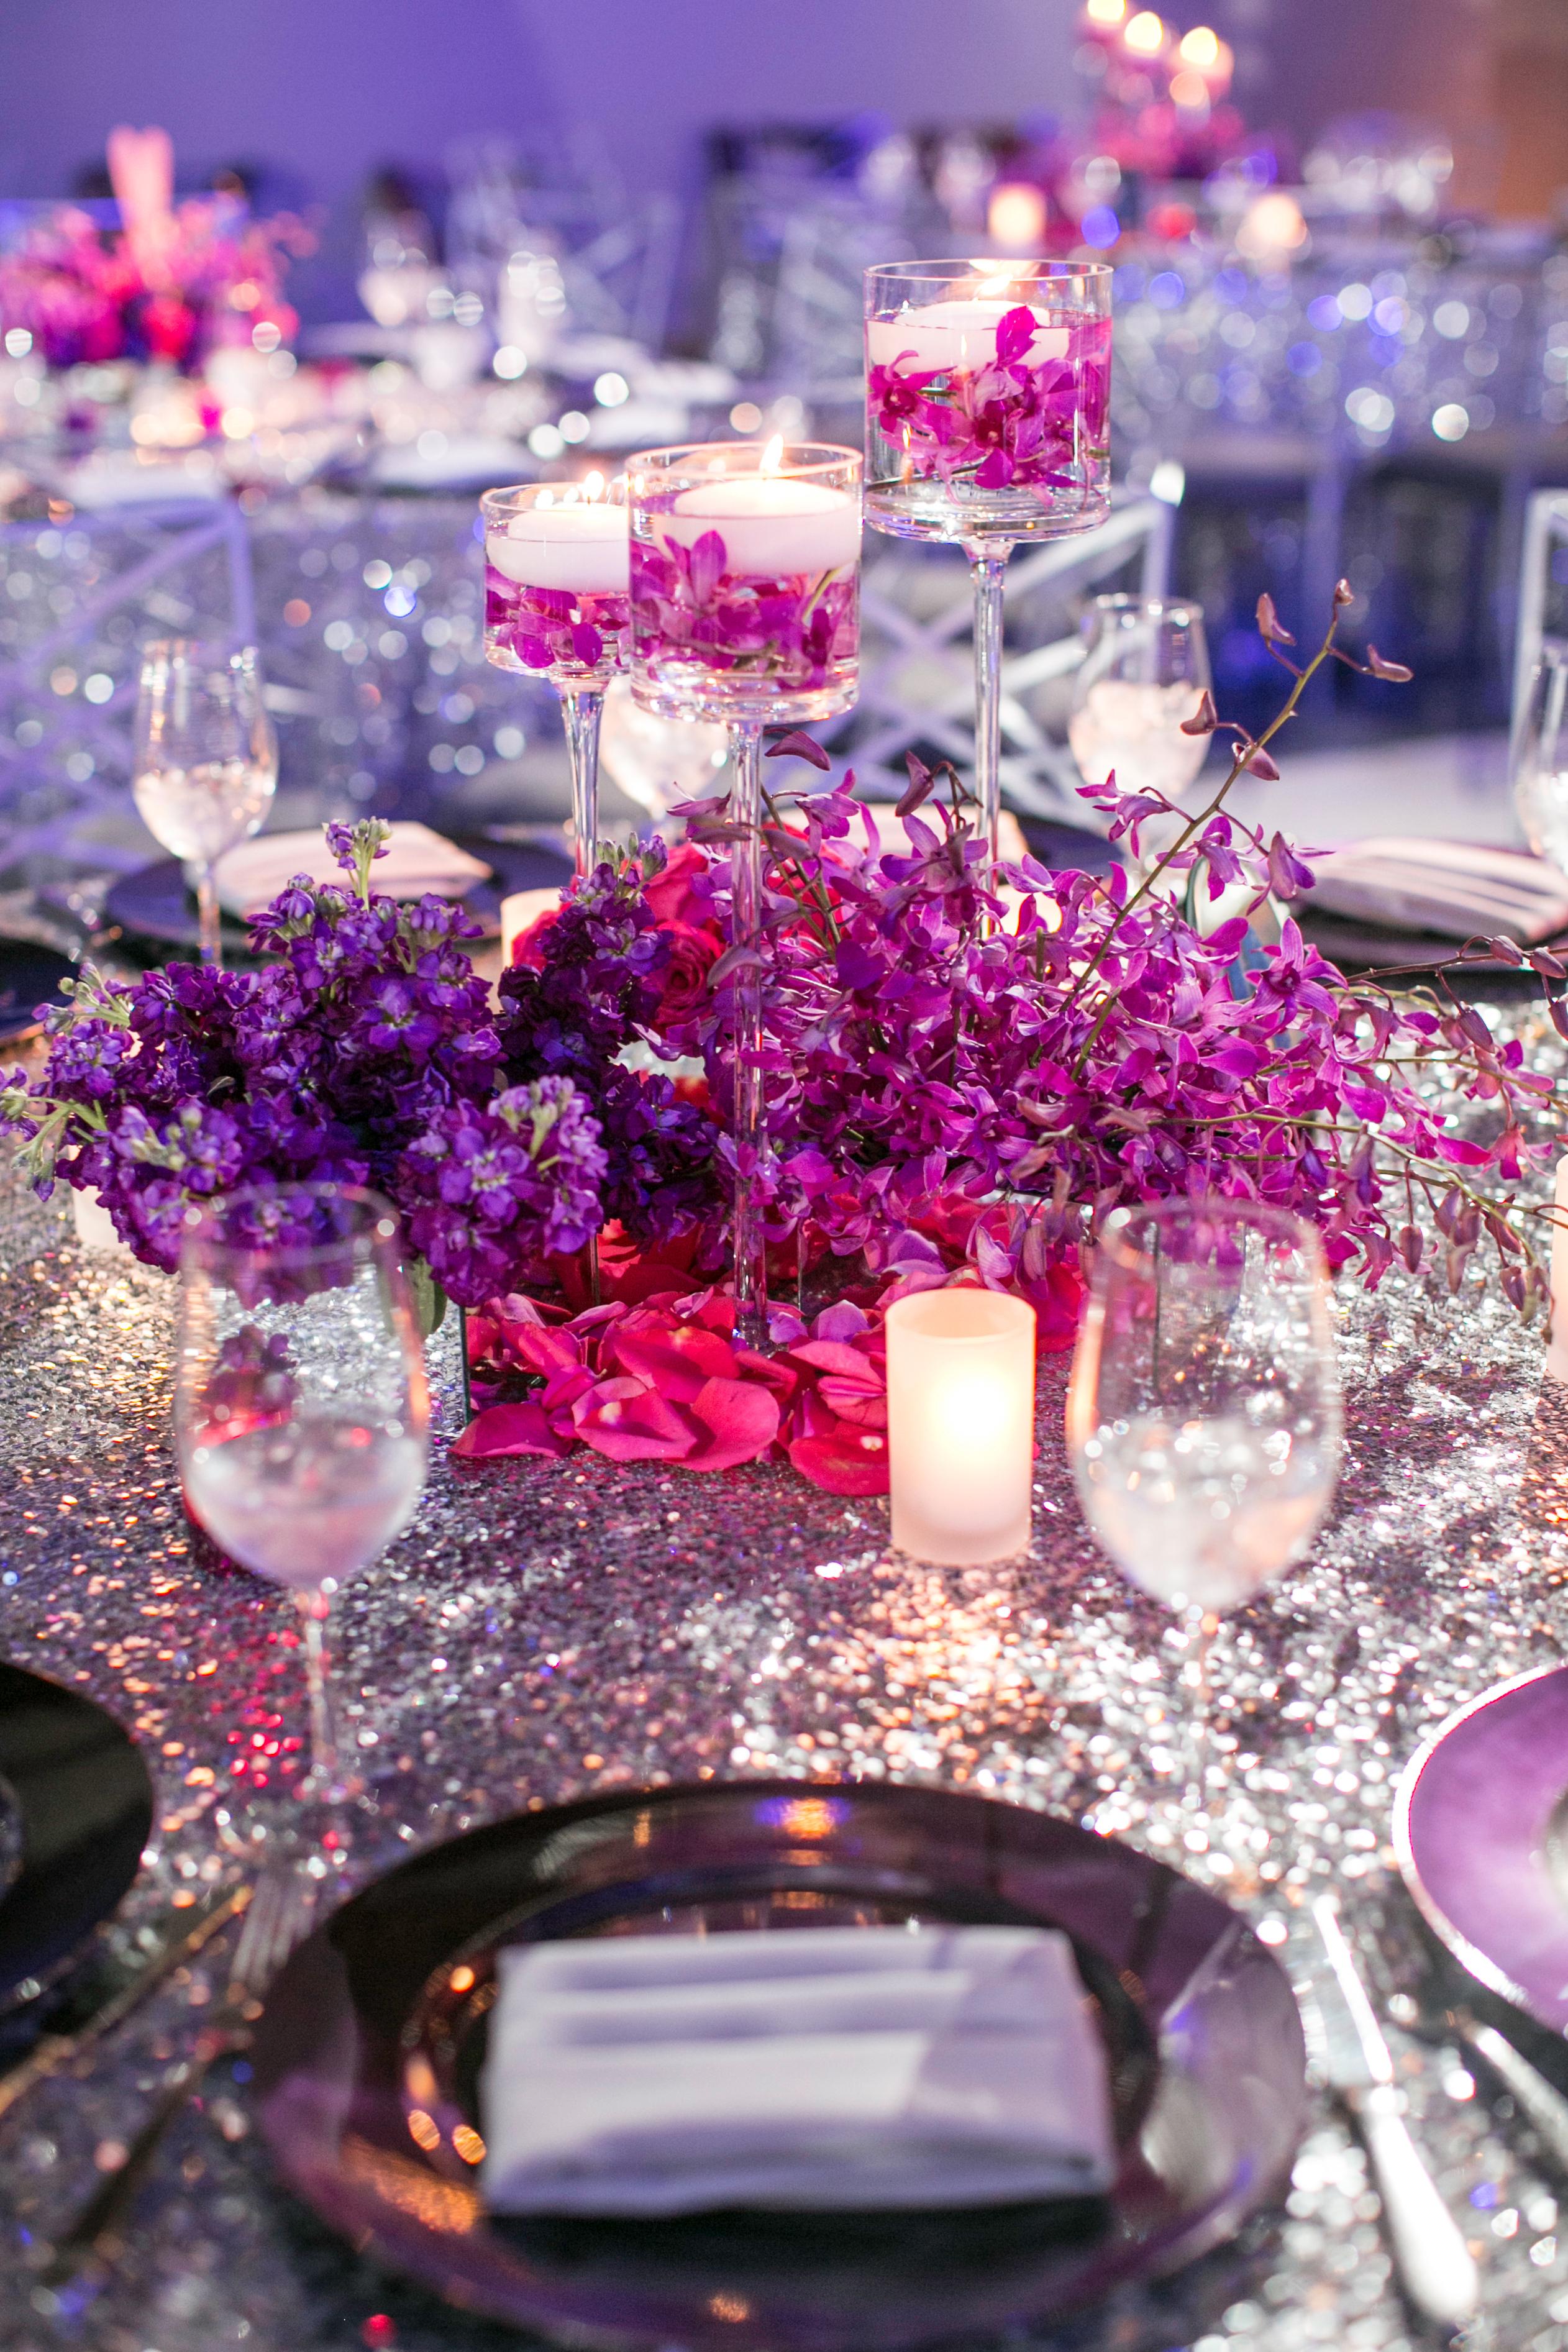 tara spencer sparkletastic events luxe. Black Bedroom Furniture Sets. Home Design Ideas